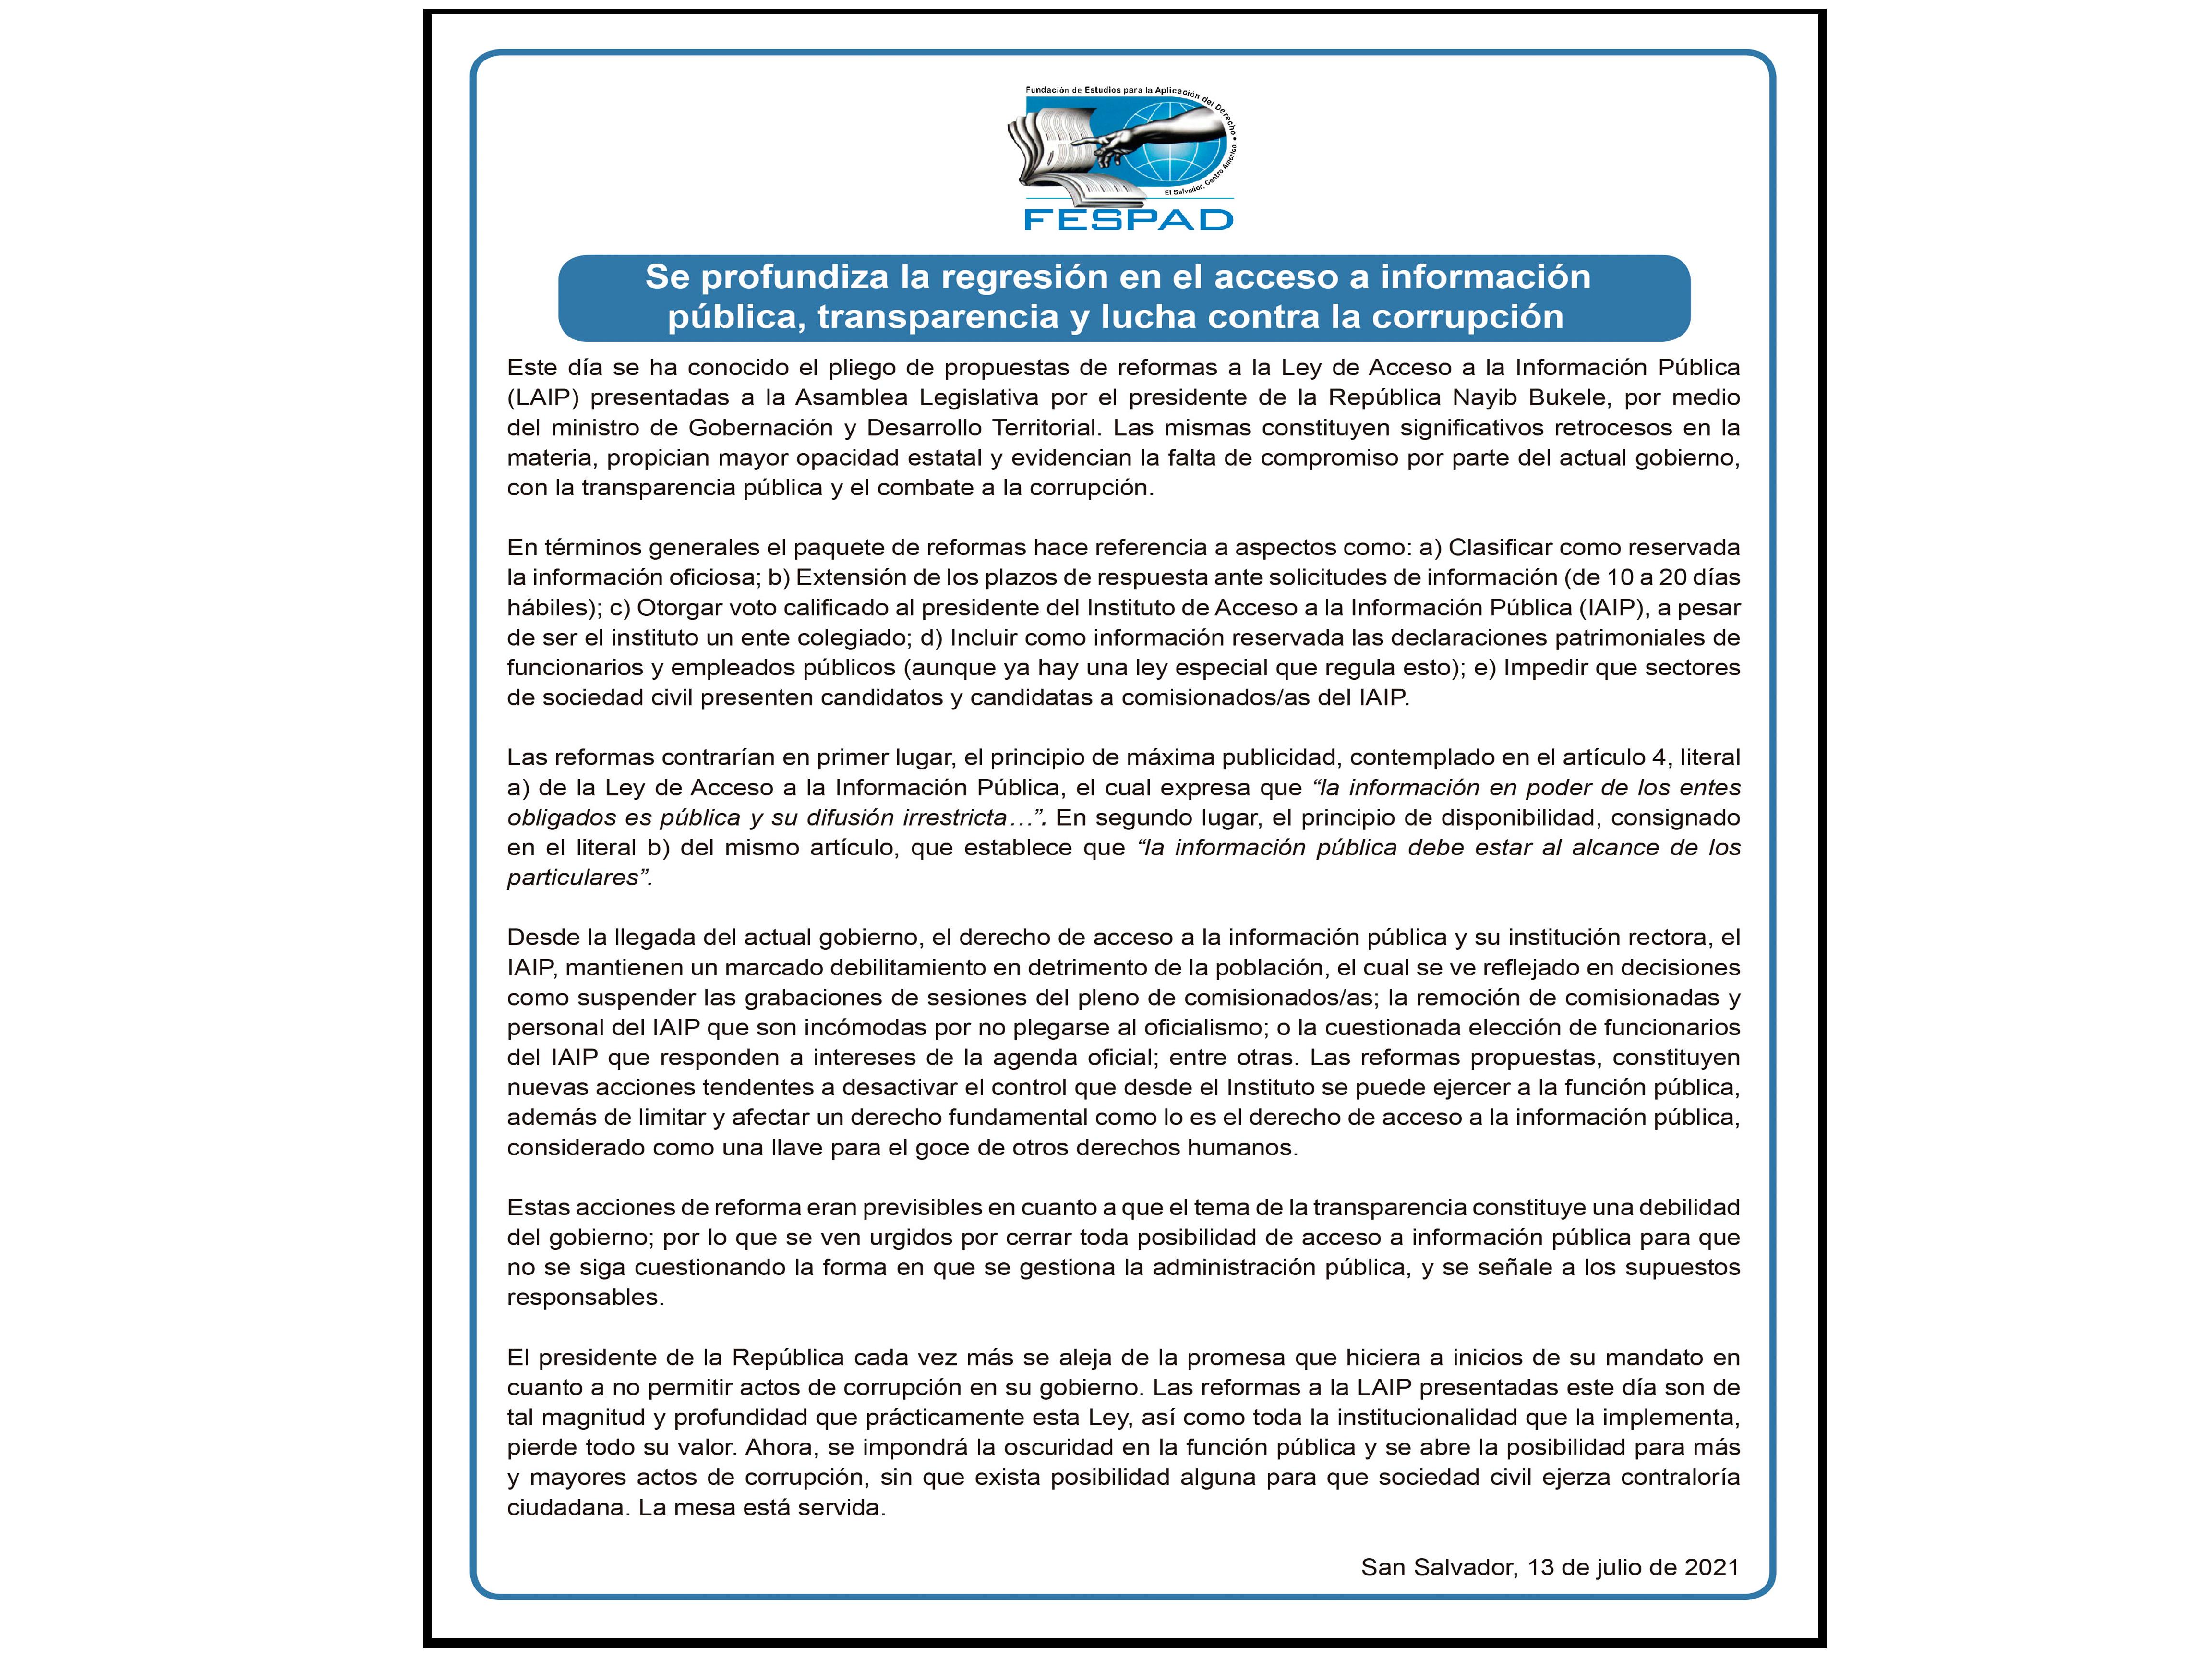 Comunicado: Se profundiza la regresión en el acceso a información pública, transparencia y lucha contra la corrupción